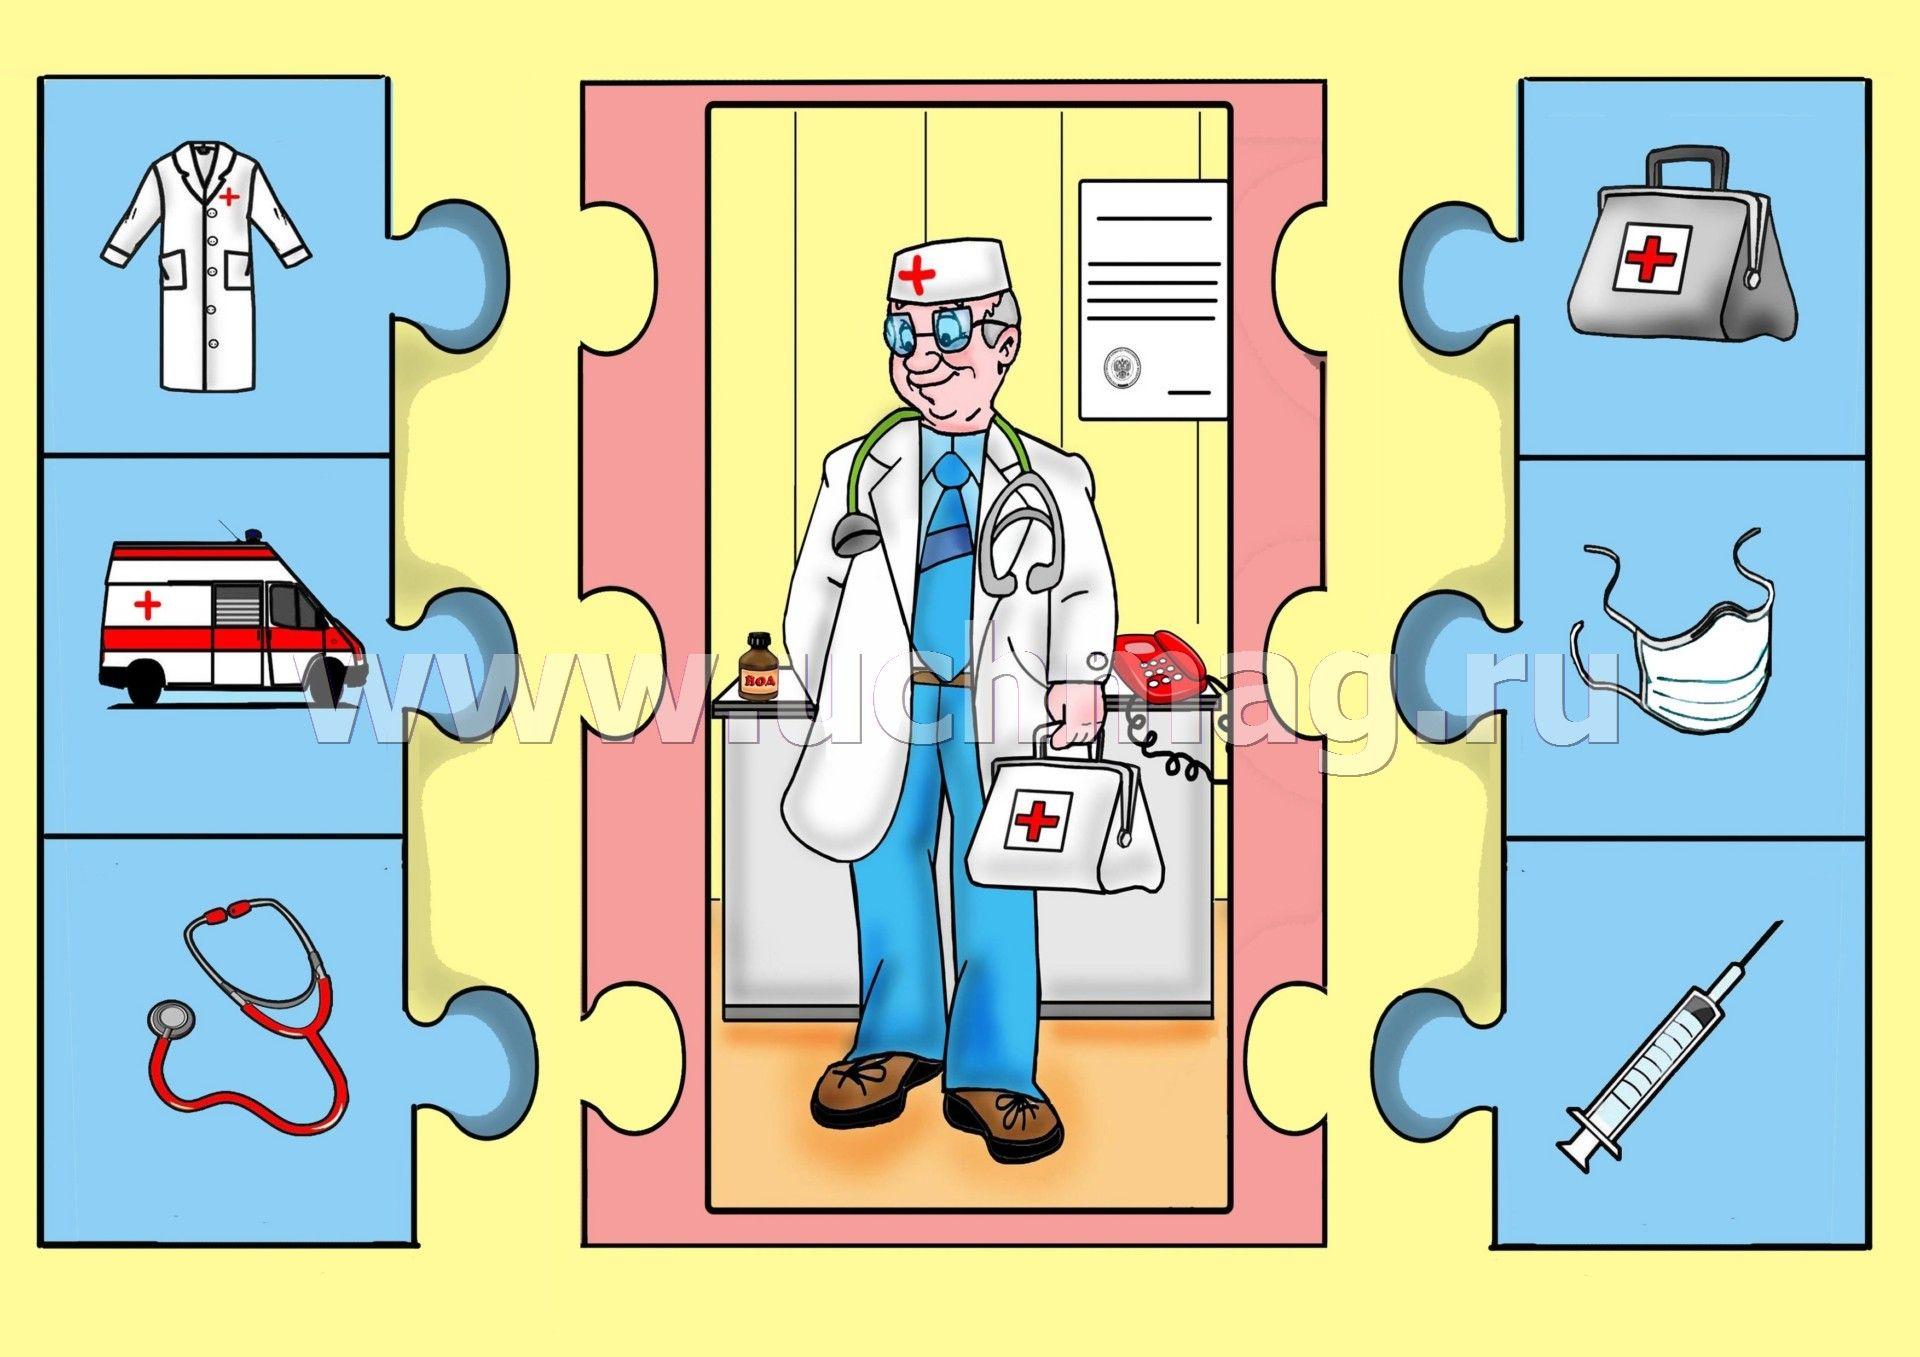 Усть донецкая поликлиника расписание работы врачей